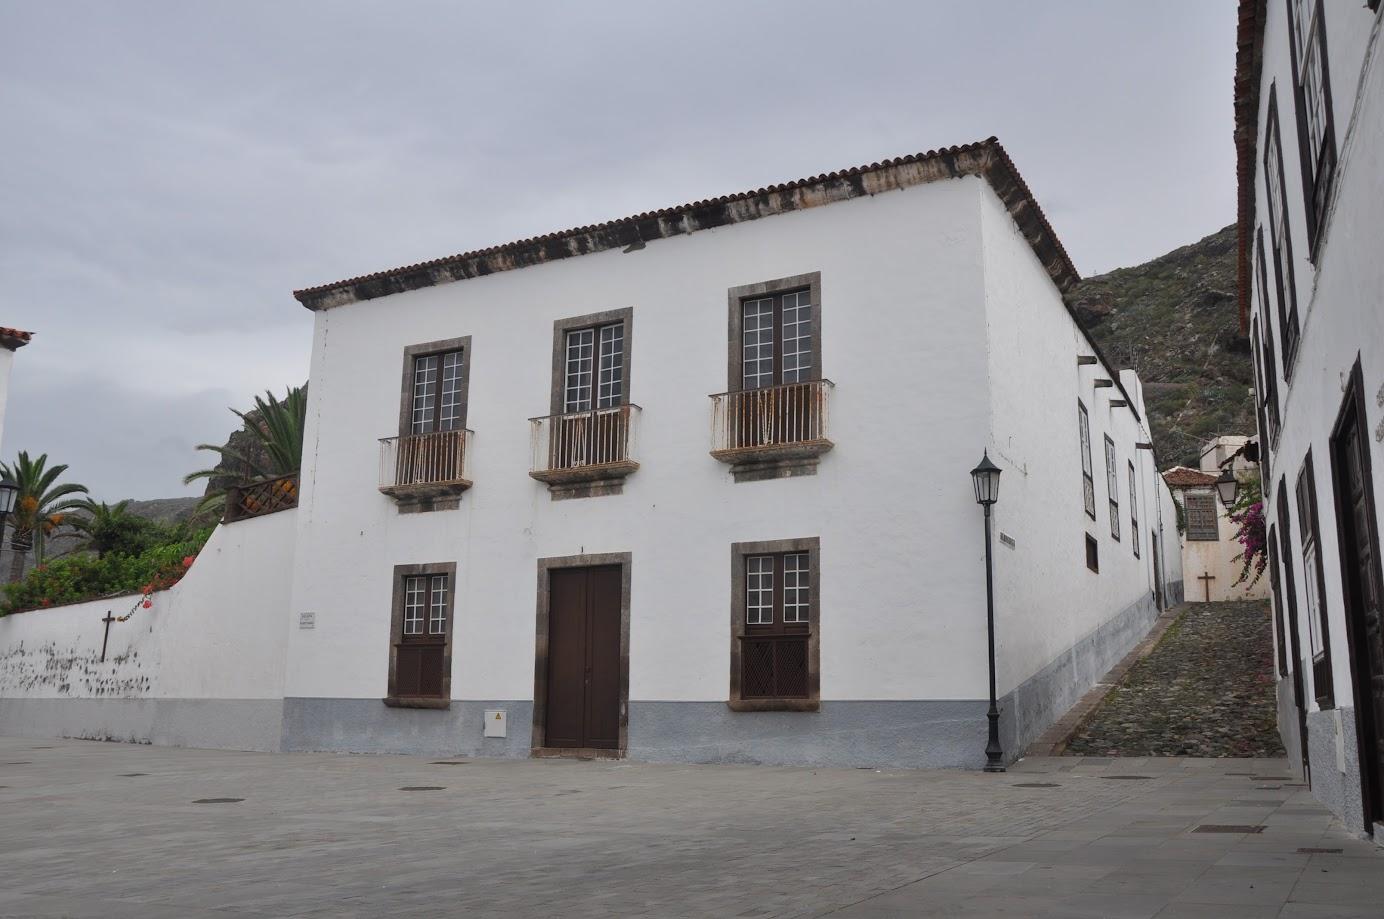 Casa se orial canarias en venta tenerife 1093m2 manantial y otras dependencias al lado del - Casas ideales tenerife ...